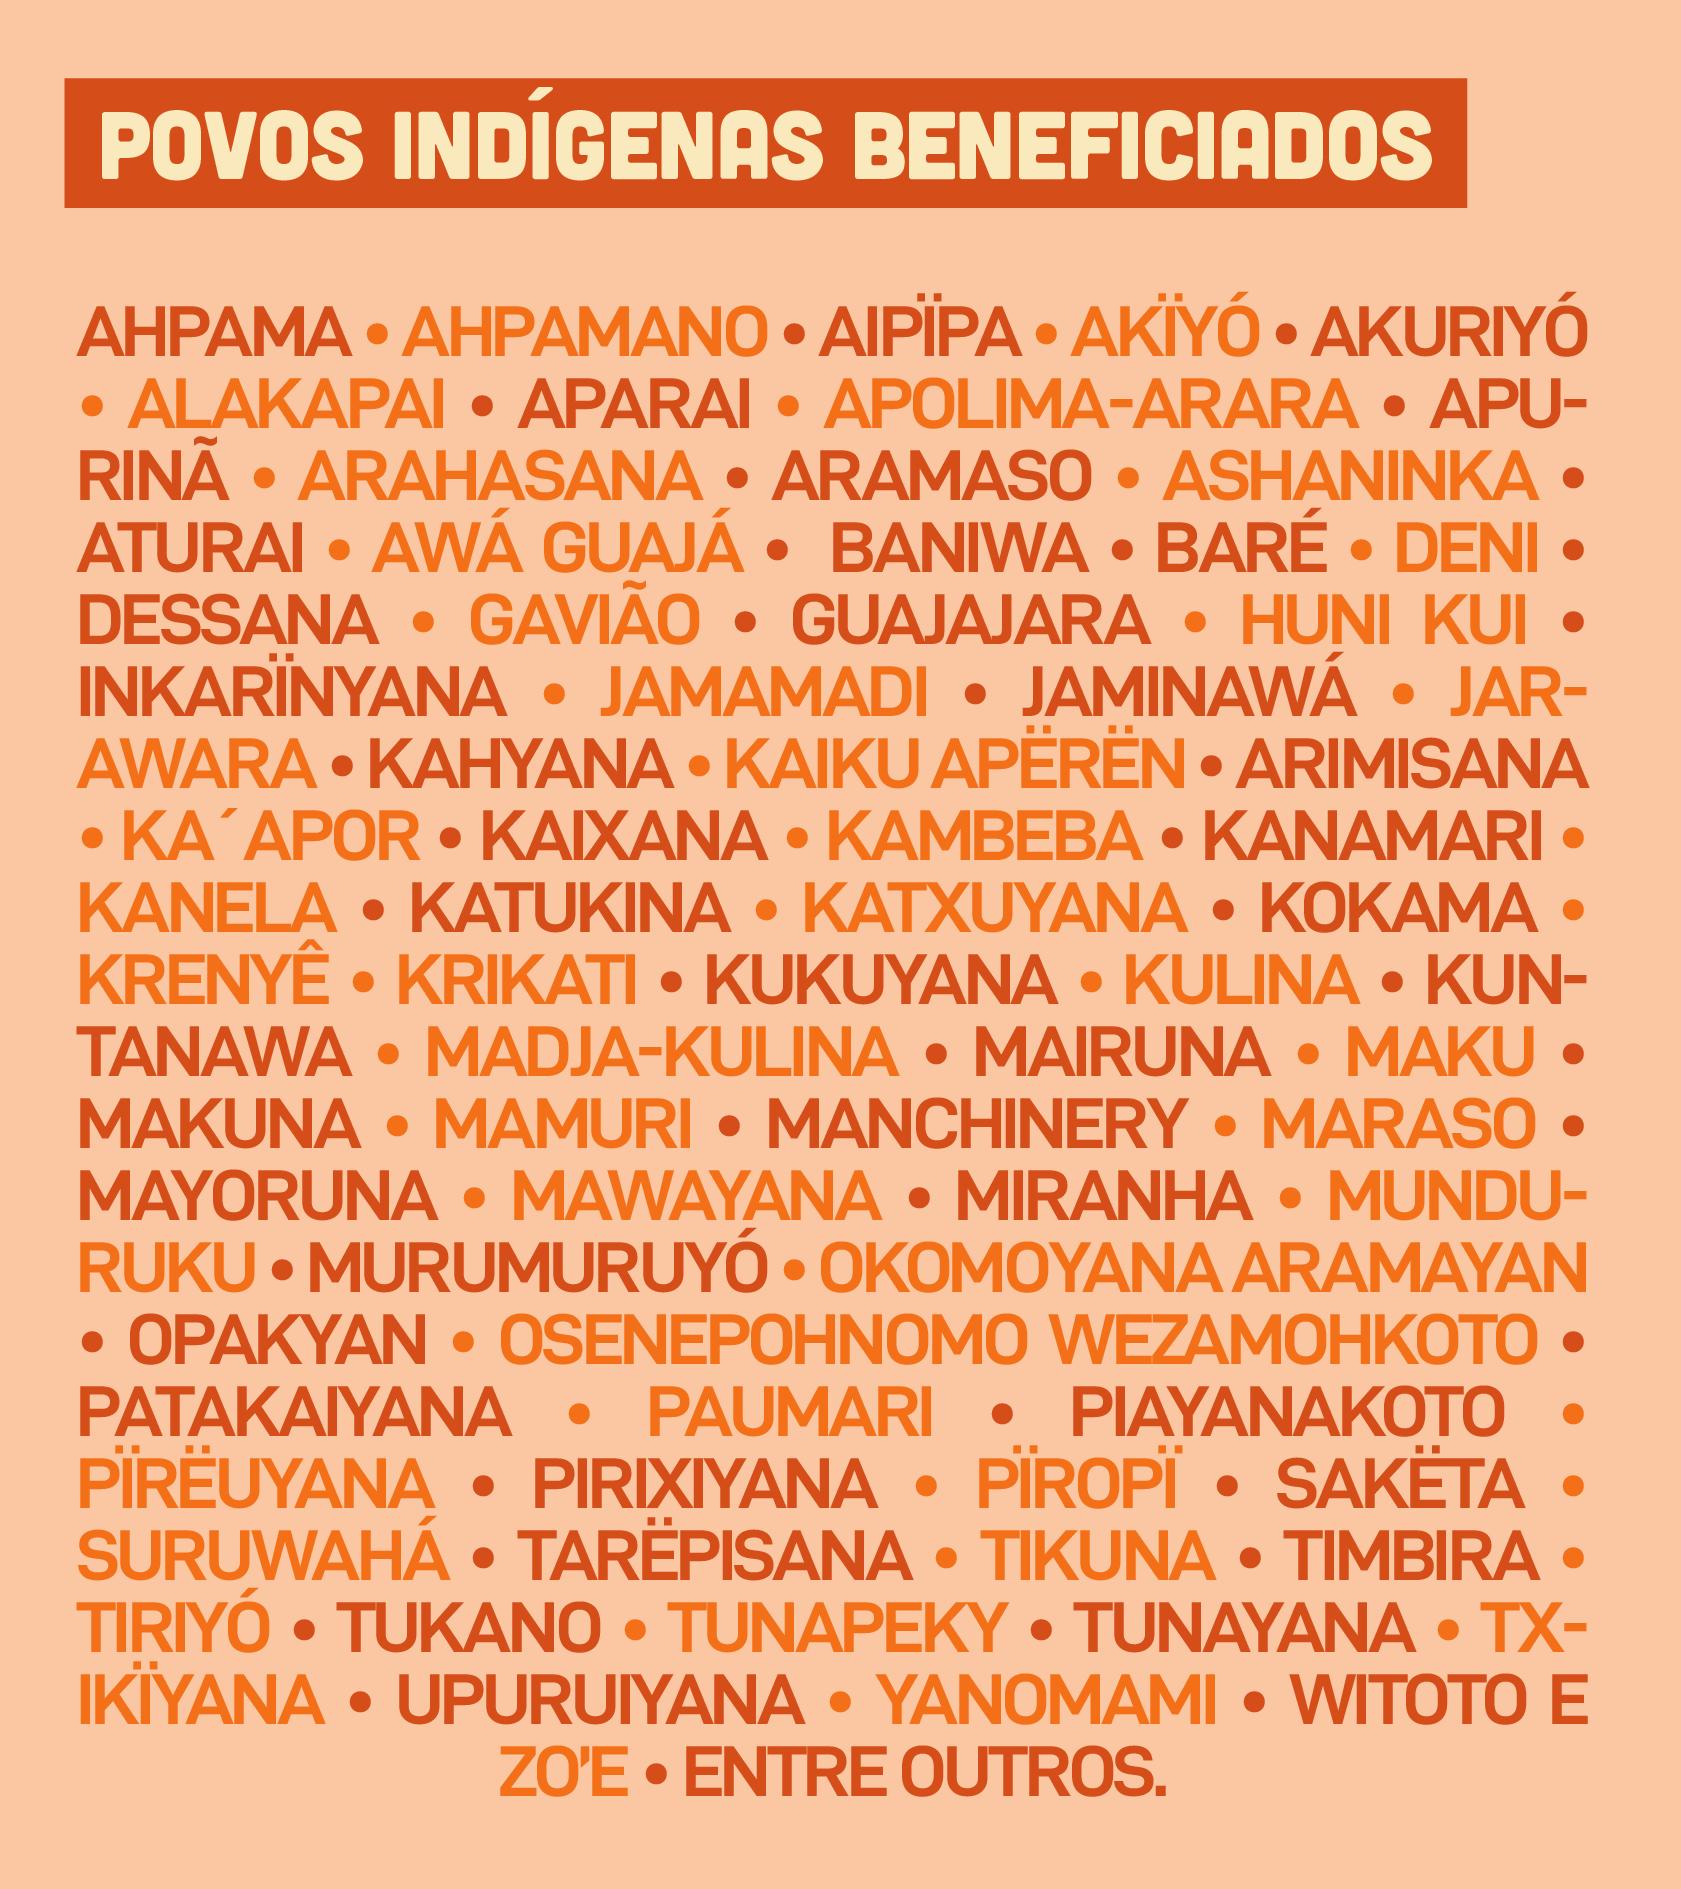 Povos indígenas beneficiados